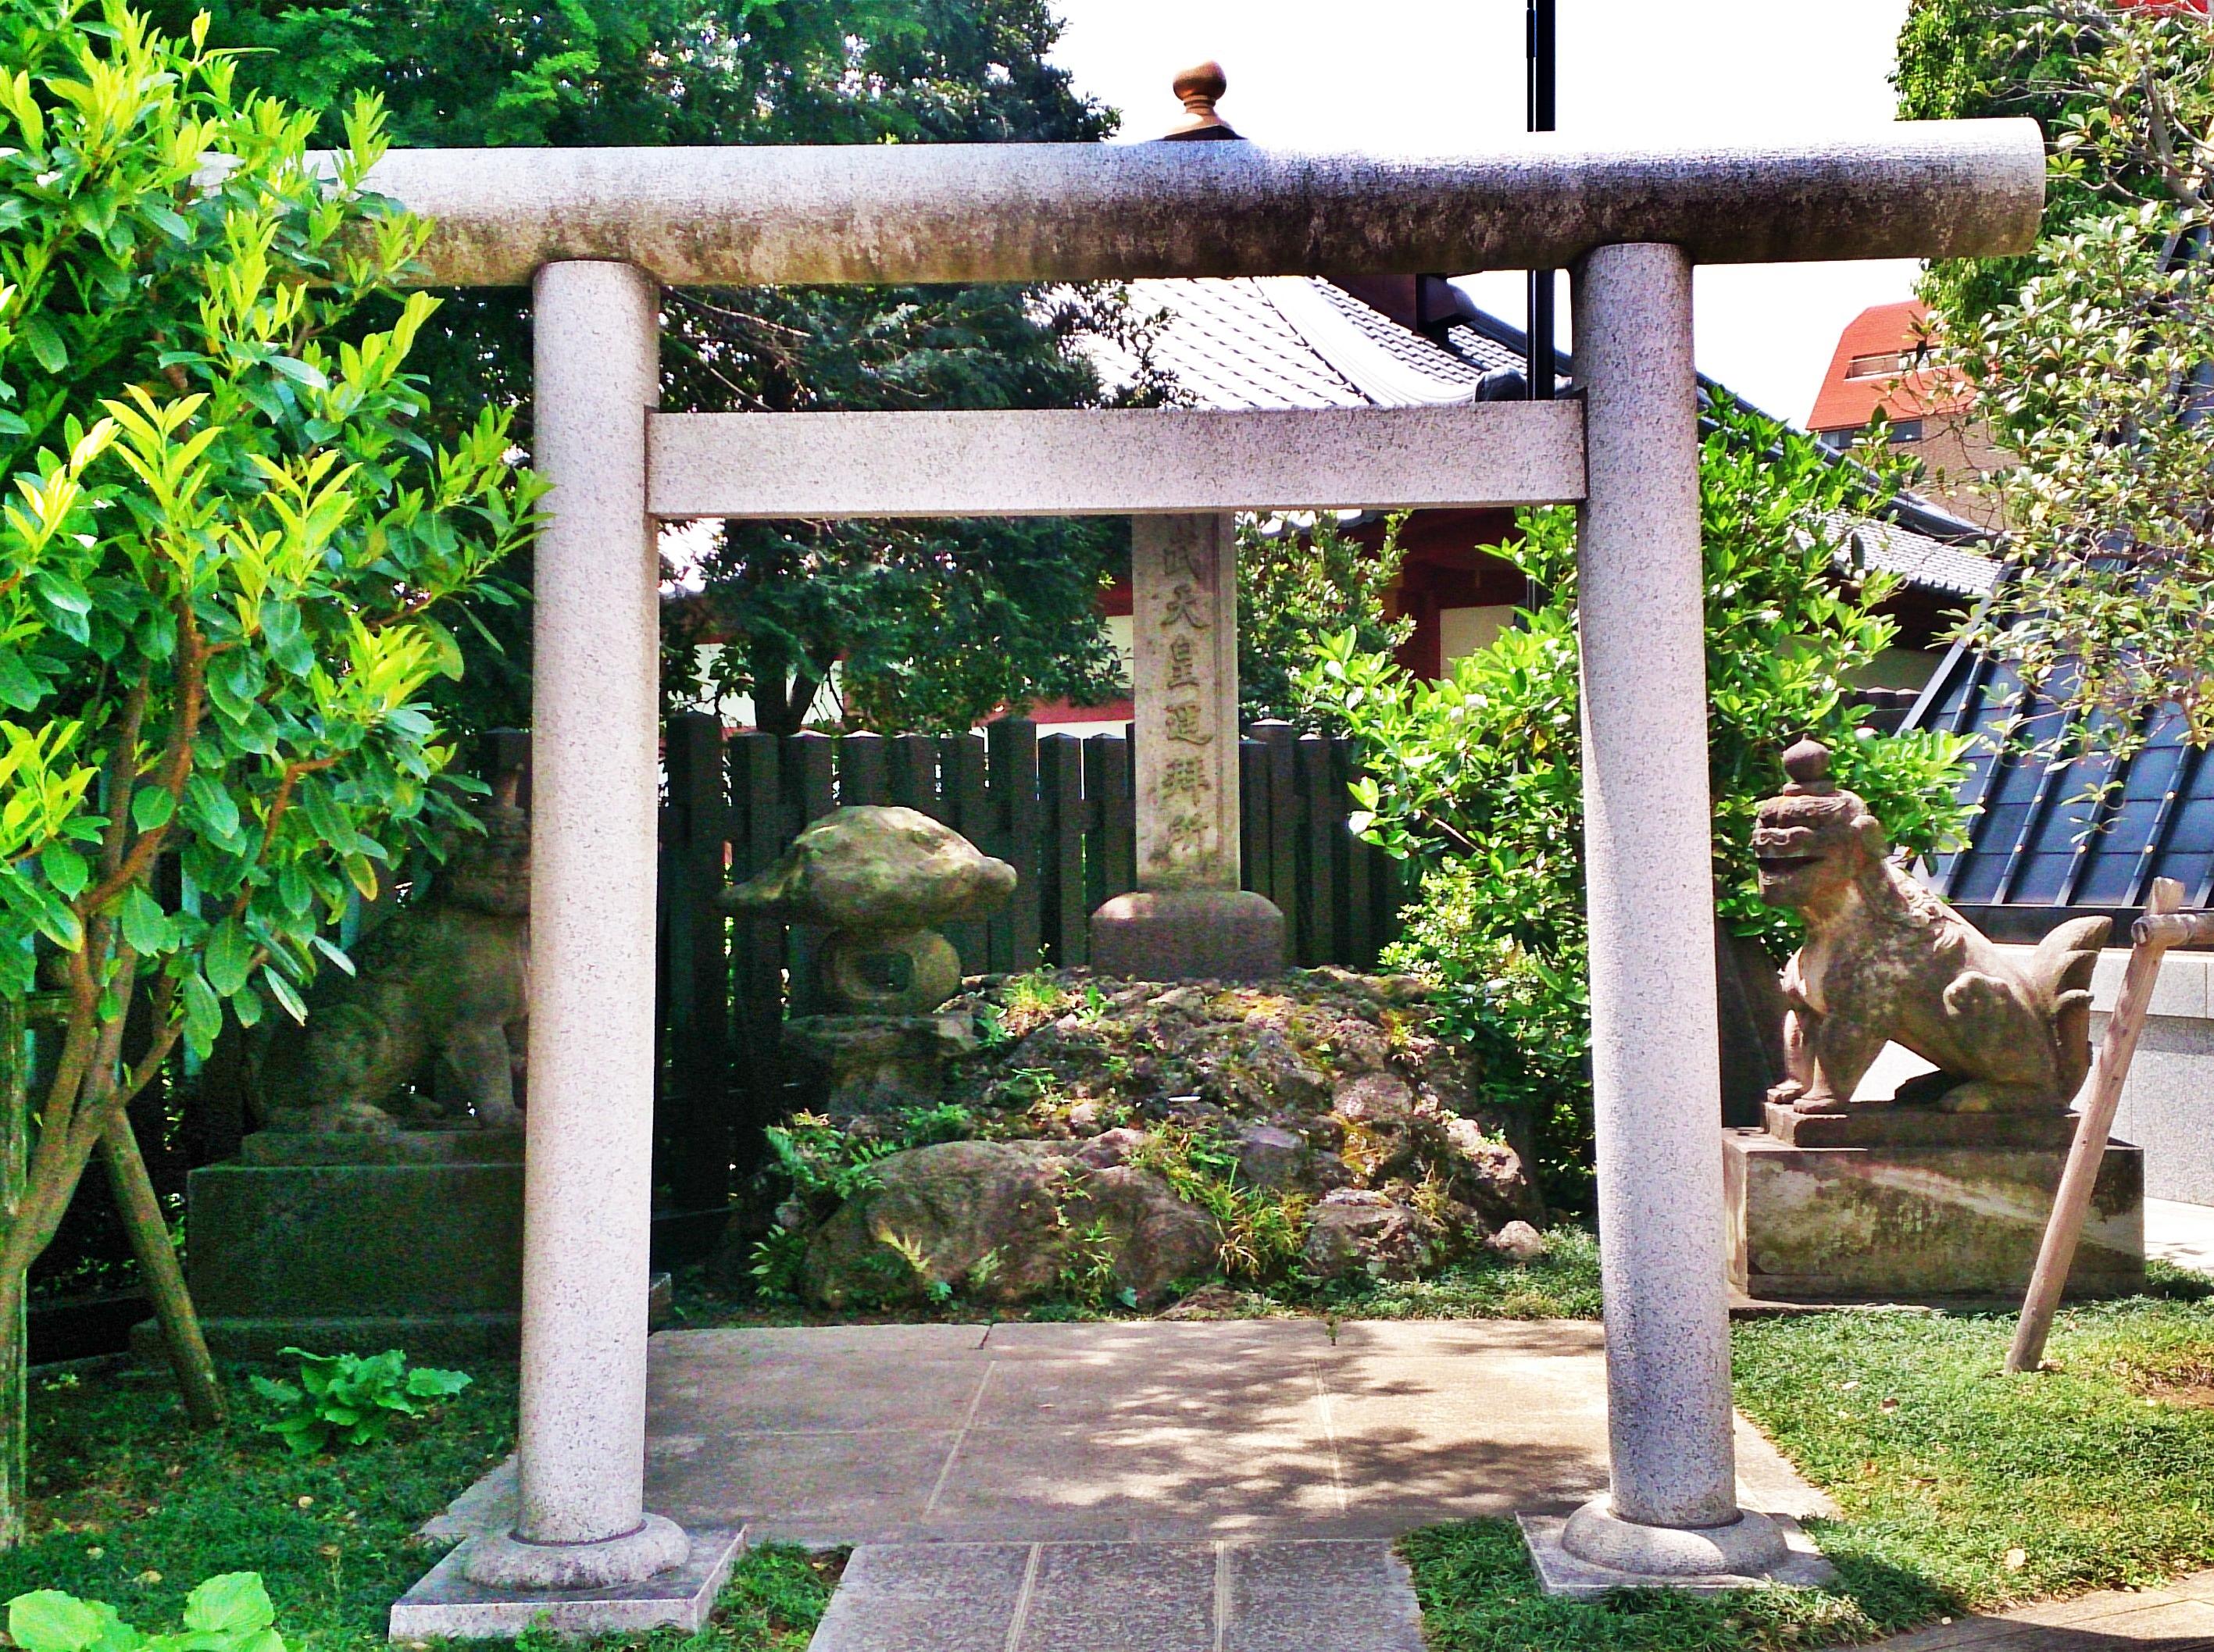 早稲田のパワースポット穴八幡宮の神武天皇の遥拝殿